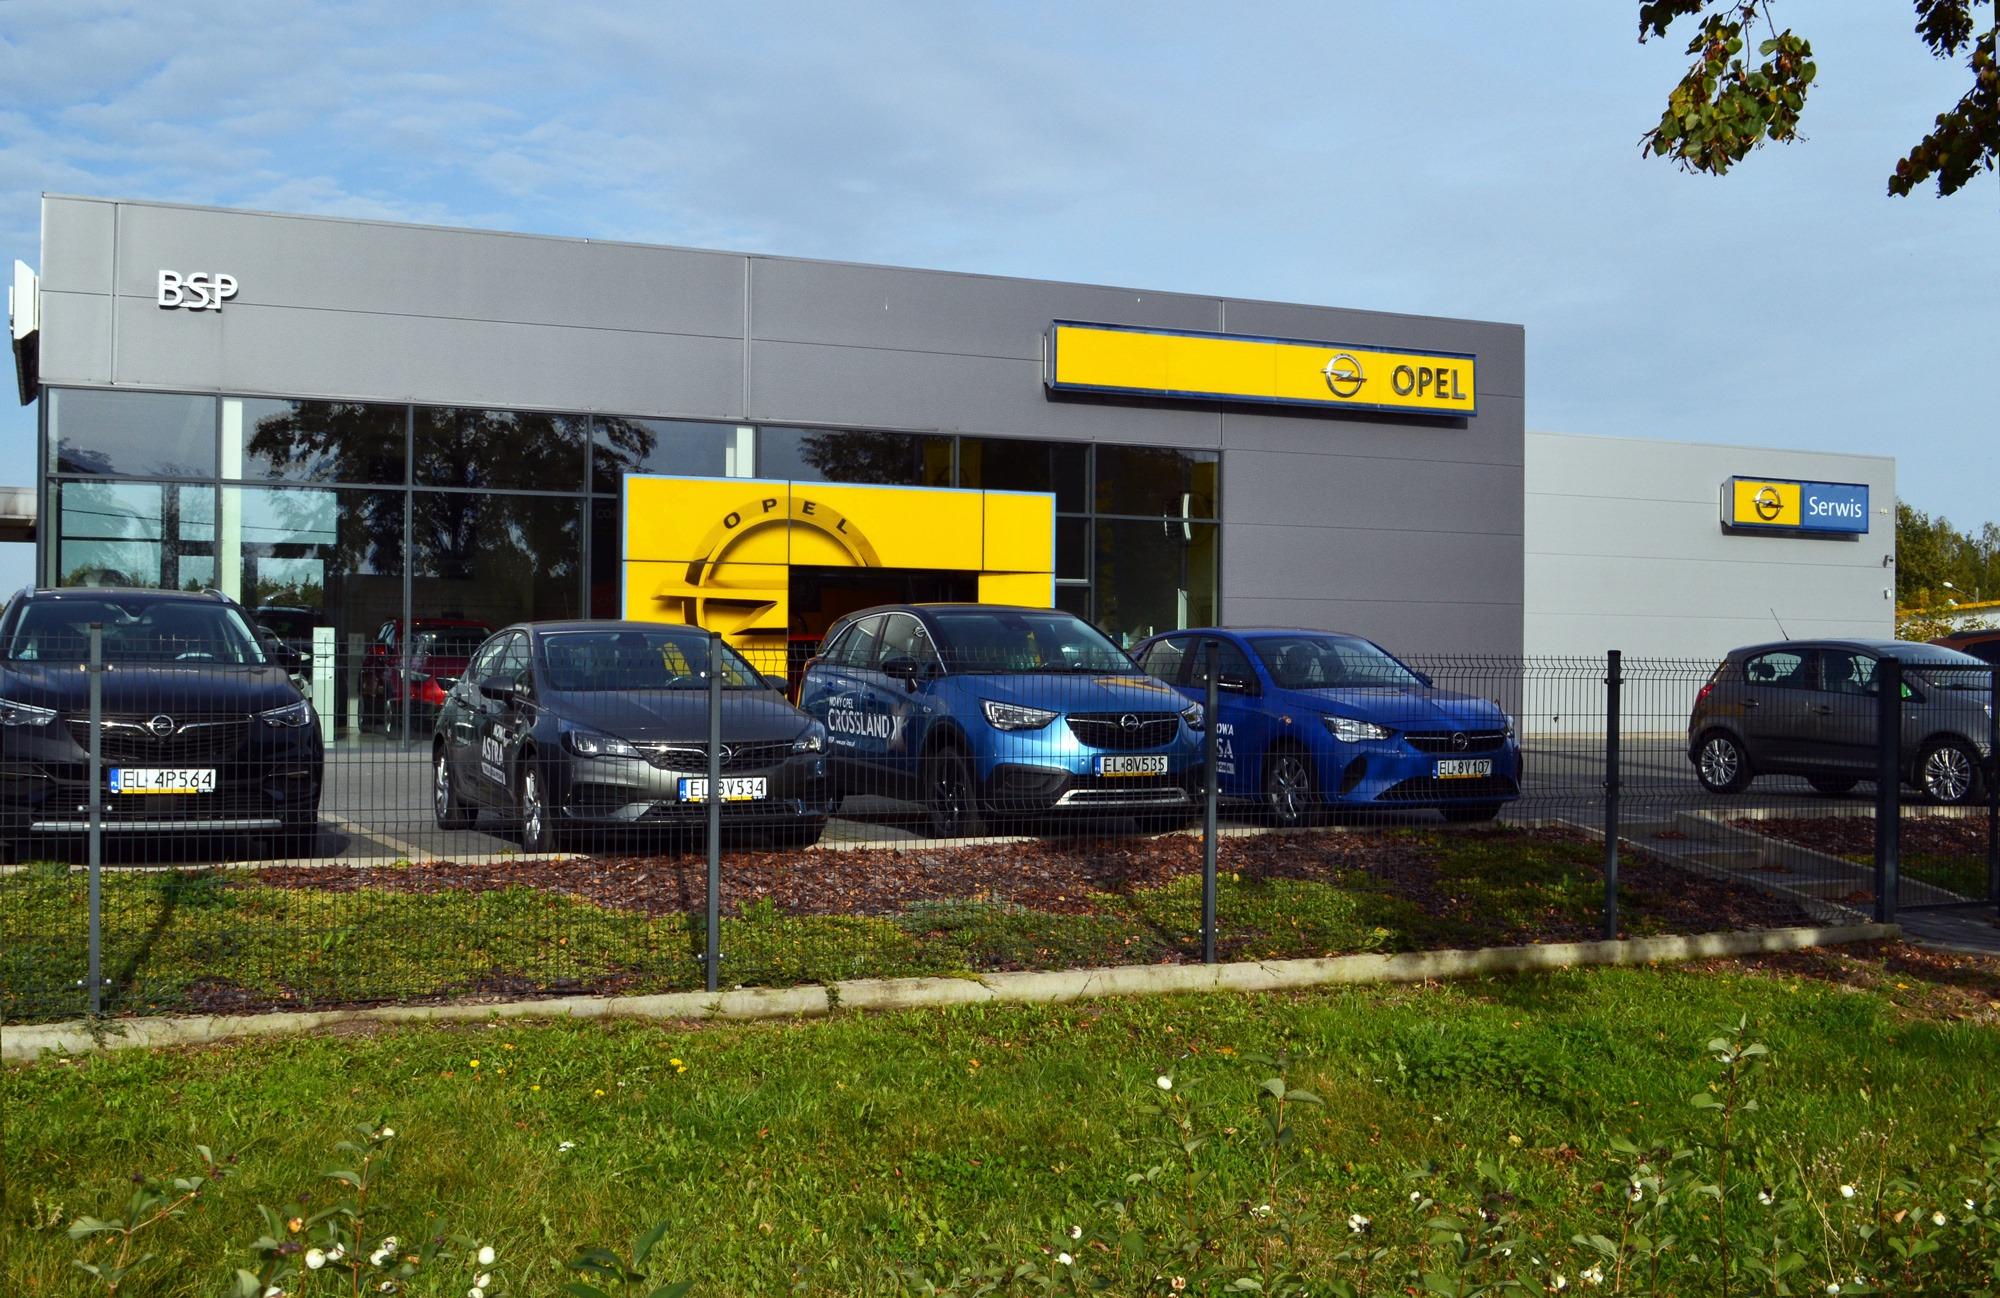 Salon Opel BSP w Piotrkowie